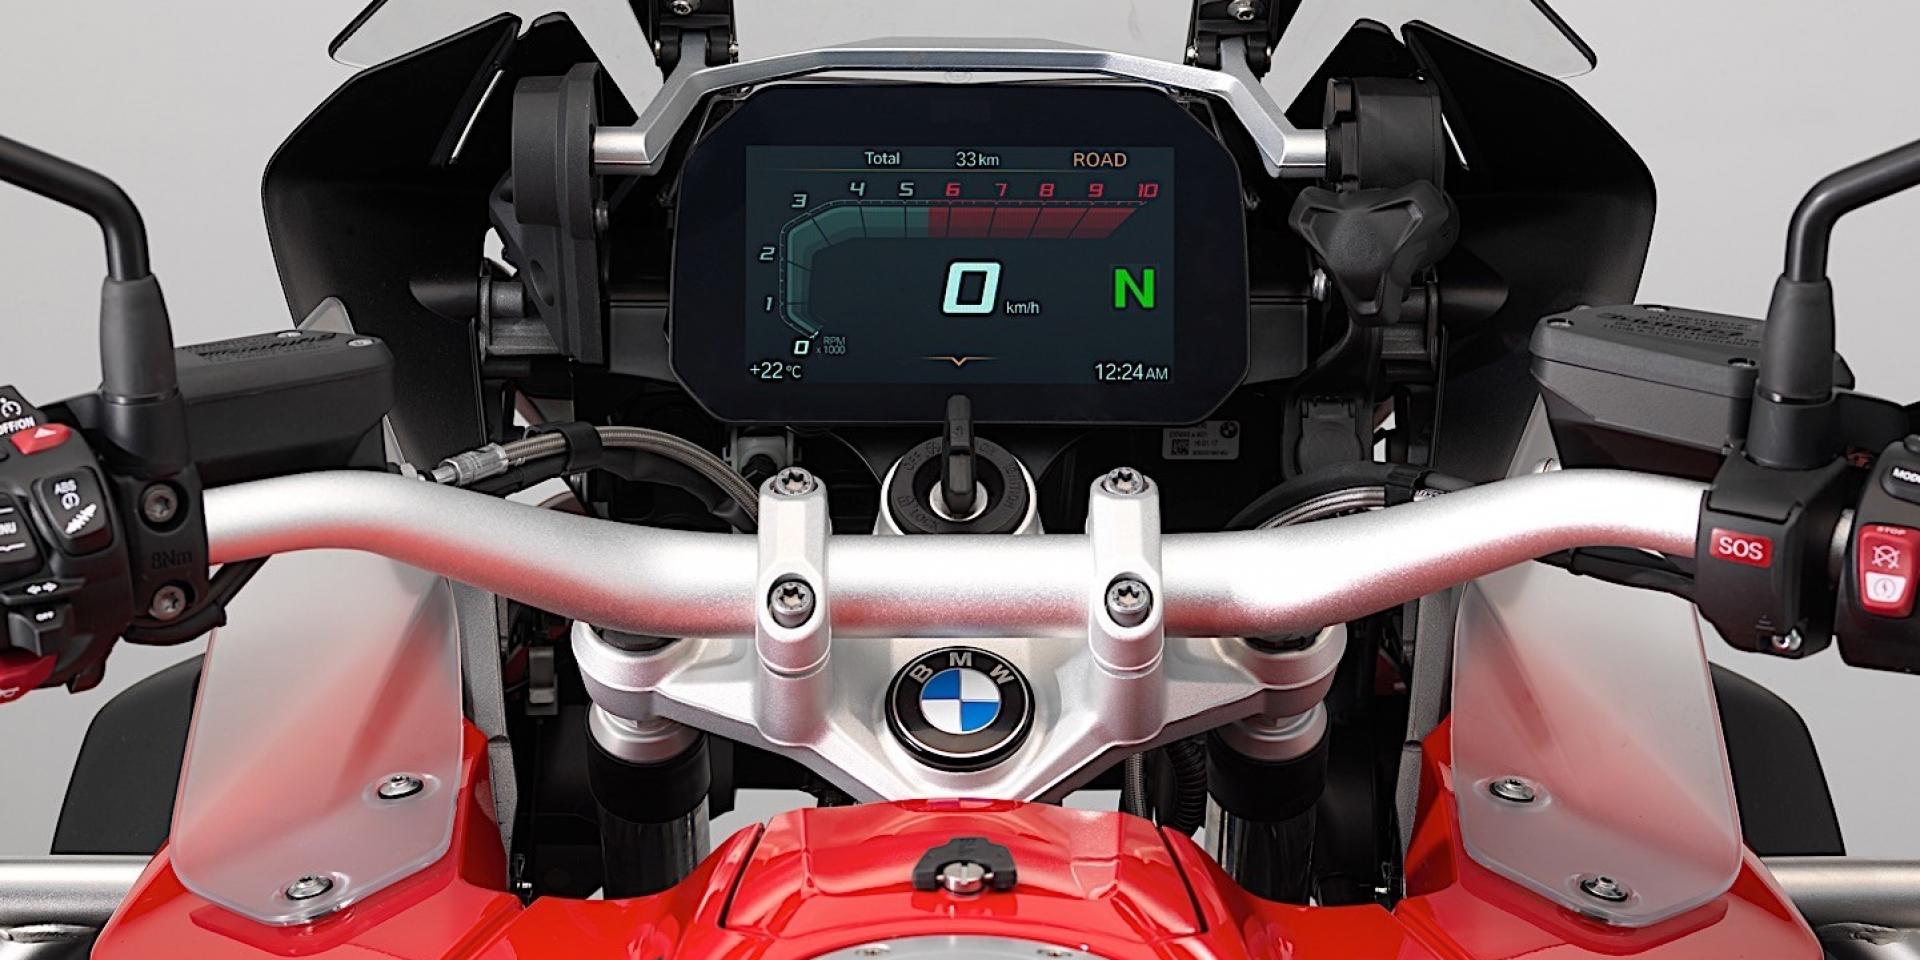 智慧儀表加持,BMW 將搭載新的6.5吋TFT全彩螢幕